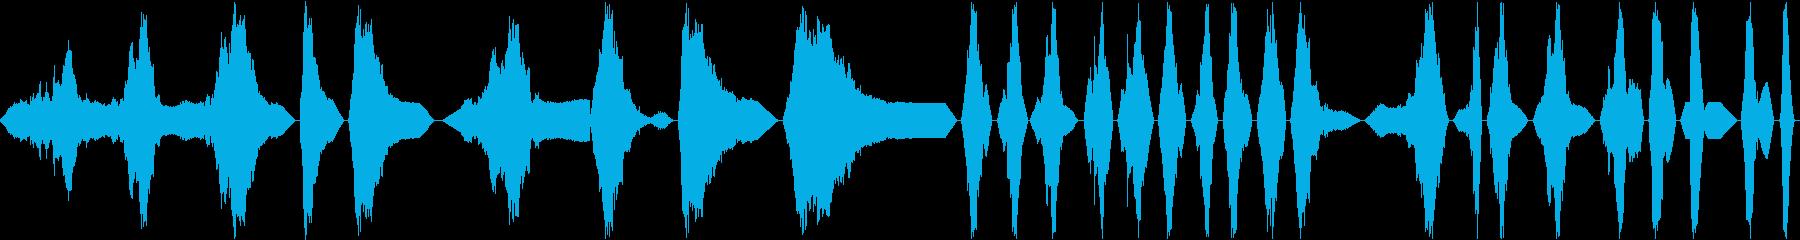 渦巻状の金属のパルス、シャープ、ハ...の再生済みの波形